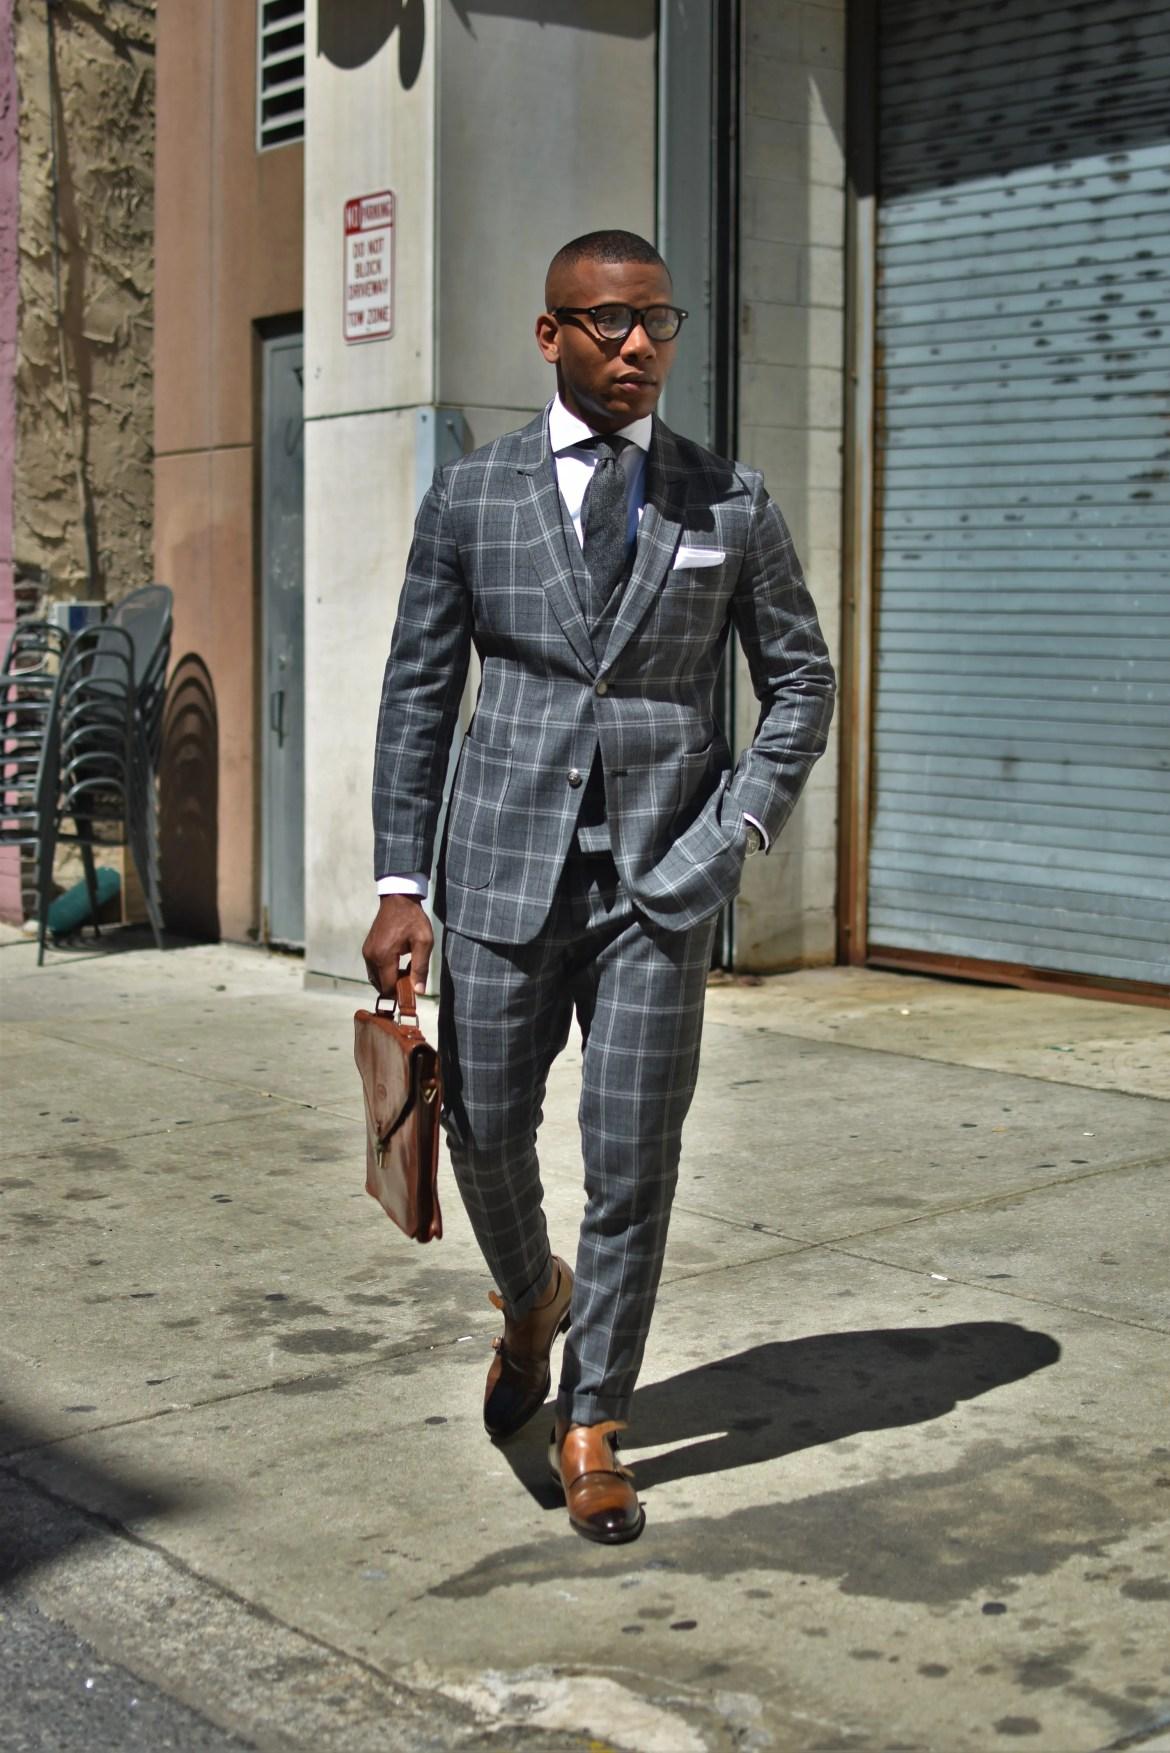 Men's Style Pro in Grey Plaid Tailor 4 Less Suit